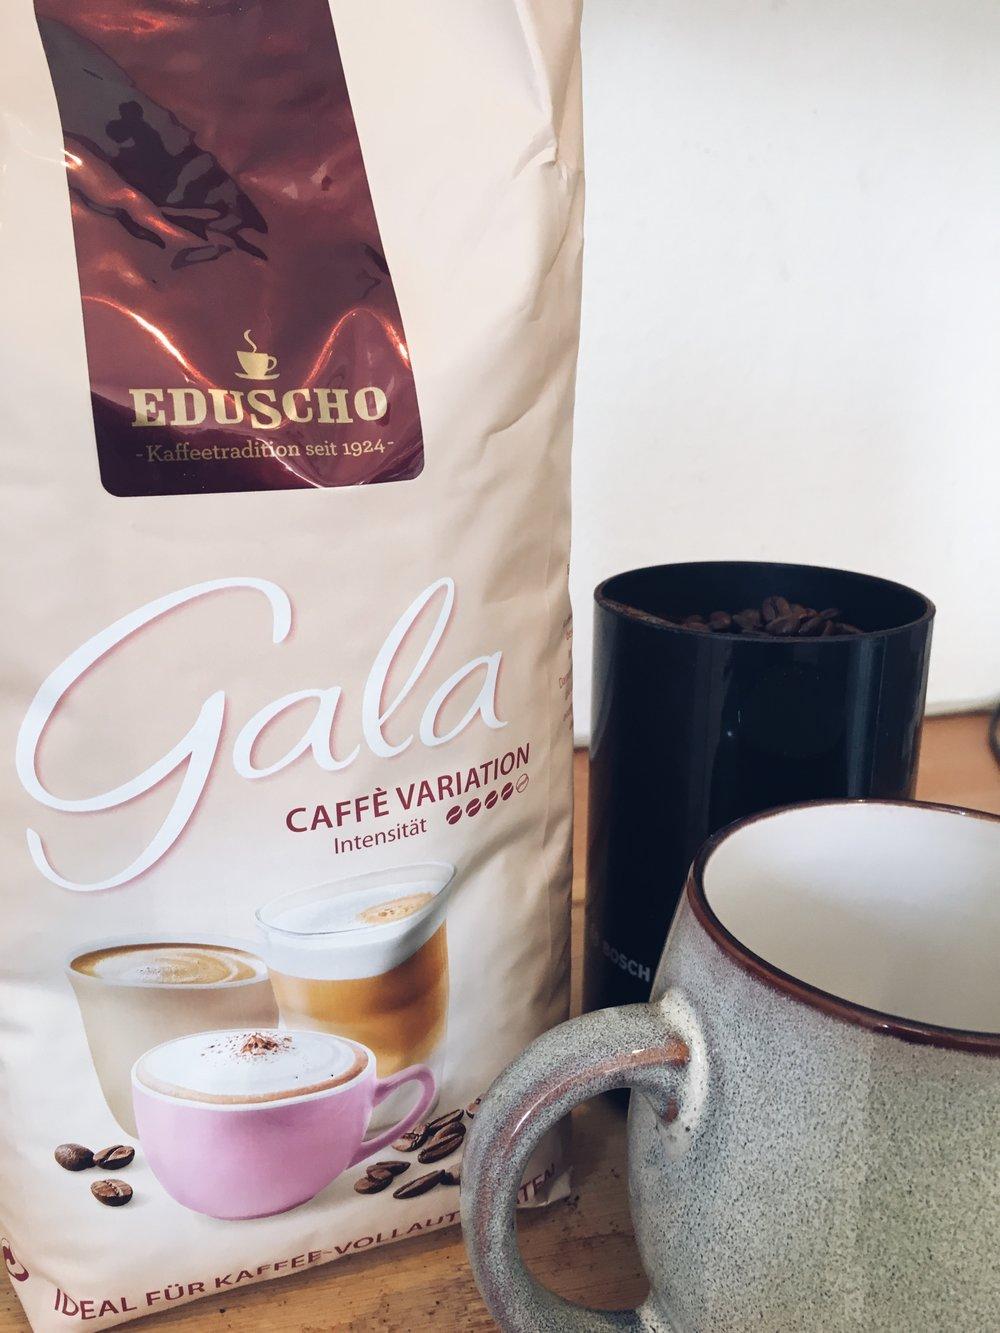 Wenn ihr es also nicht so stark mögt, dann könnt ihr mit diesem tollen Kaffee von Eduscho auch leckere Kaffeevariationen zaubern. Ob mit Kuhmilch oder pflanzlichen Alternativen, es schmeckt immer! -